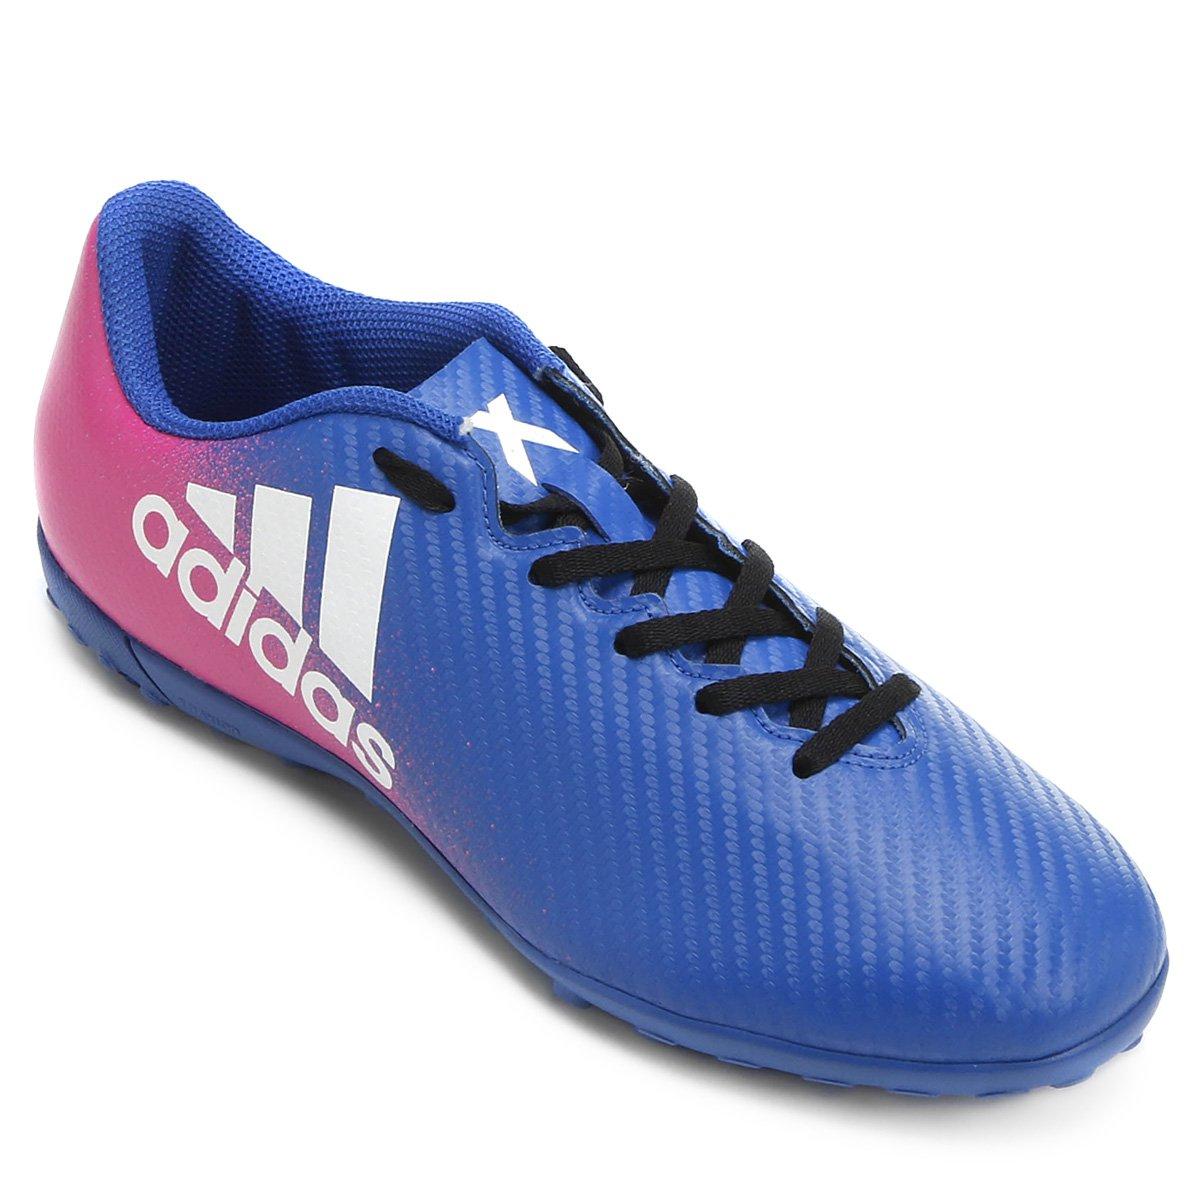 a8208b1c1700a Chuteira Society Adidas X 16 4 TF - Compre Agora